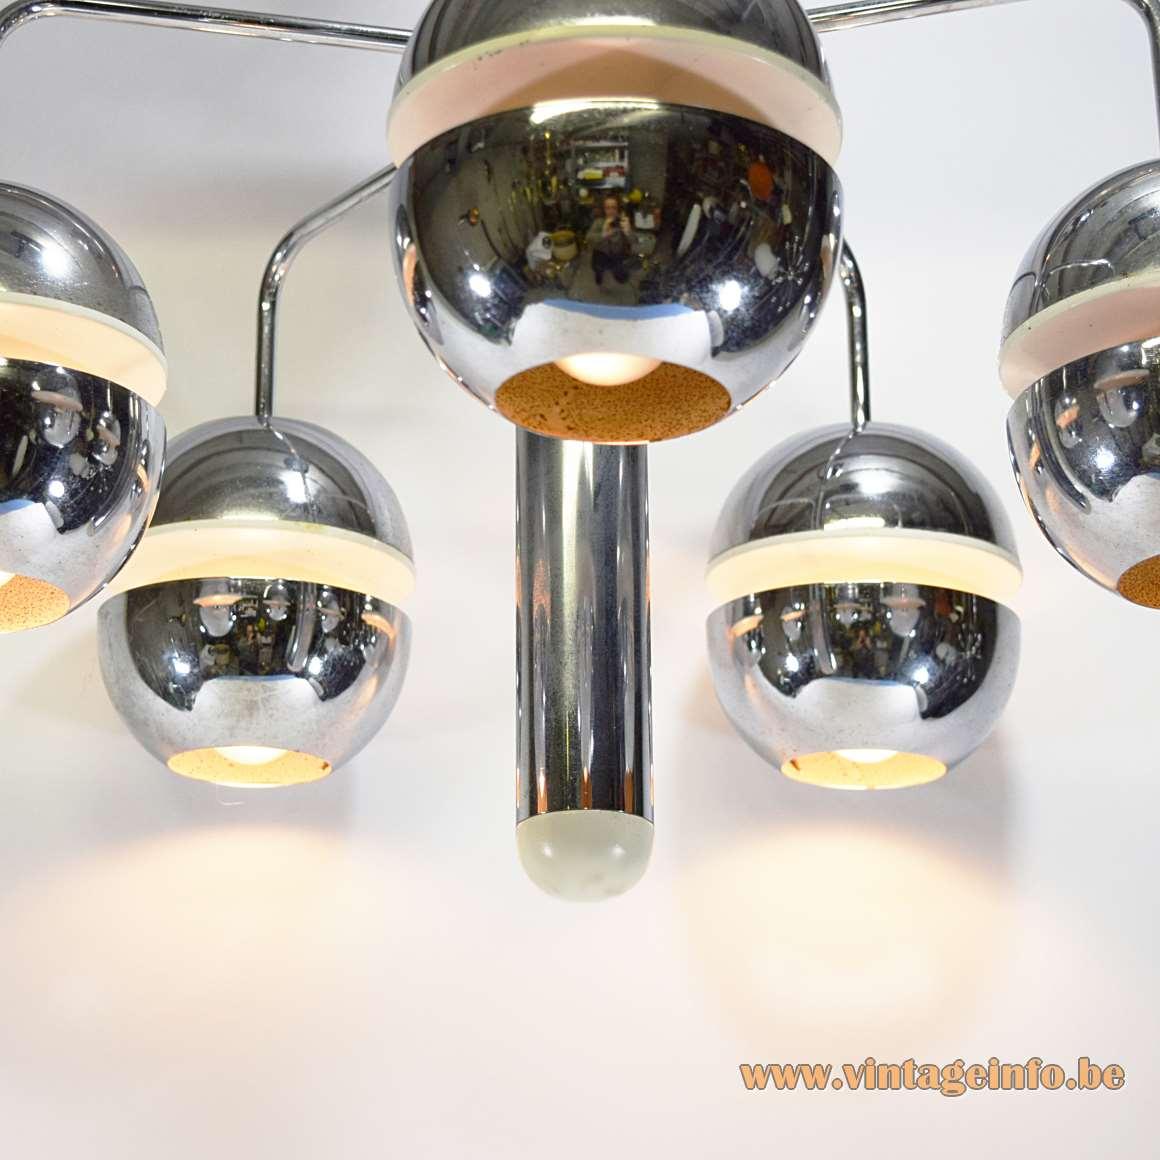 Chromed Globes Chandelier Klaus Hempel Kaiser Leuchten 1972 Massive Belgium 1970s MCM Raak